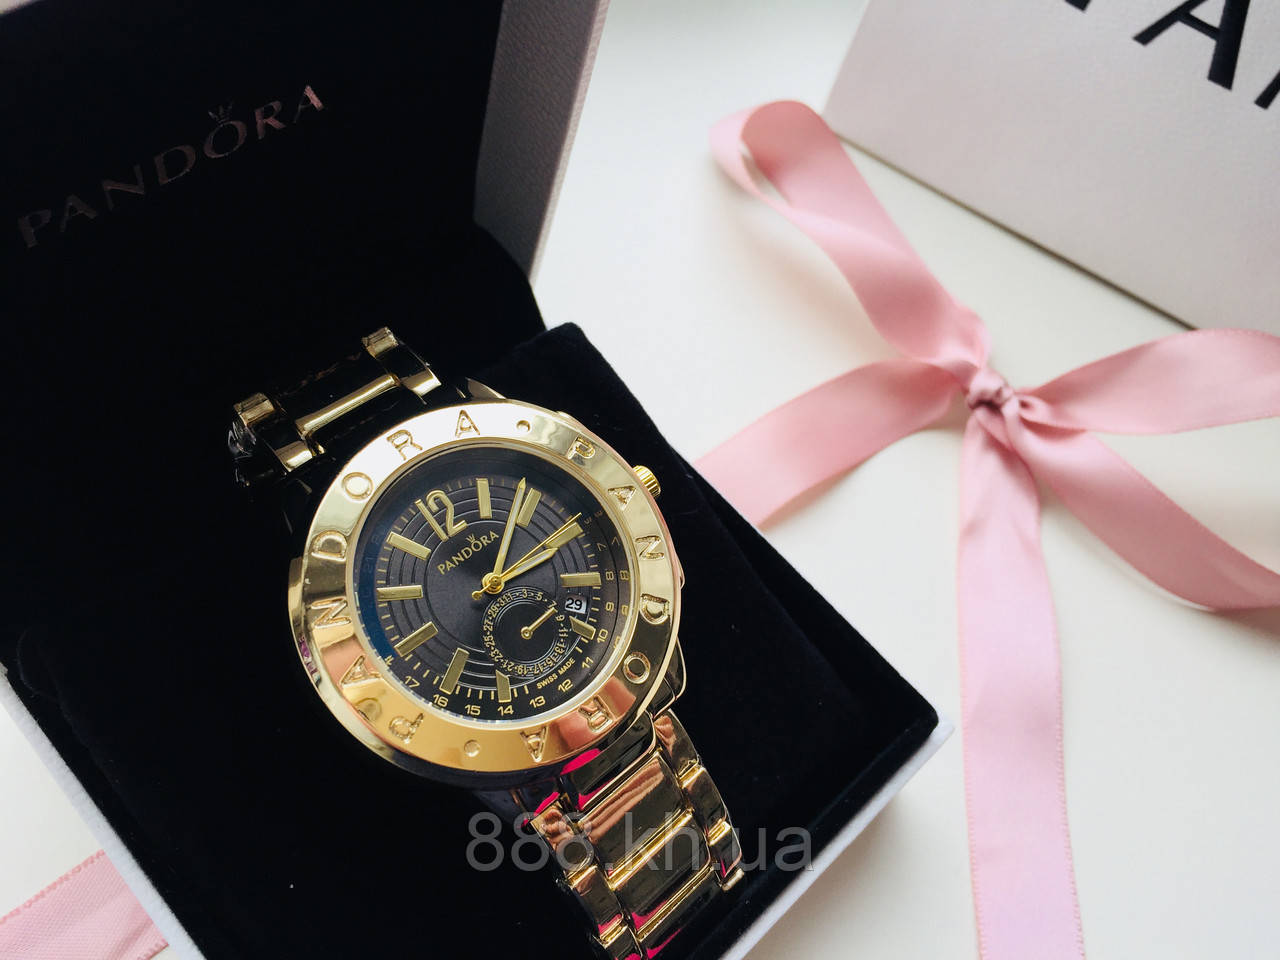 Наручний годинник жіночі Pandora 23031816, стильні годинники на подарунок